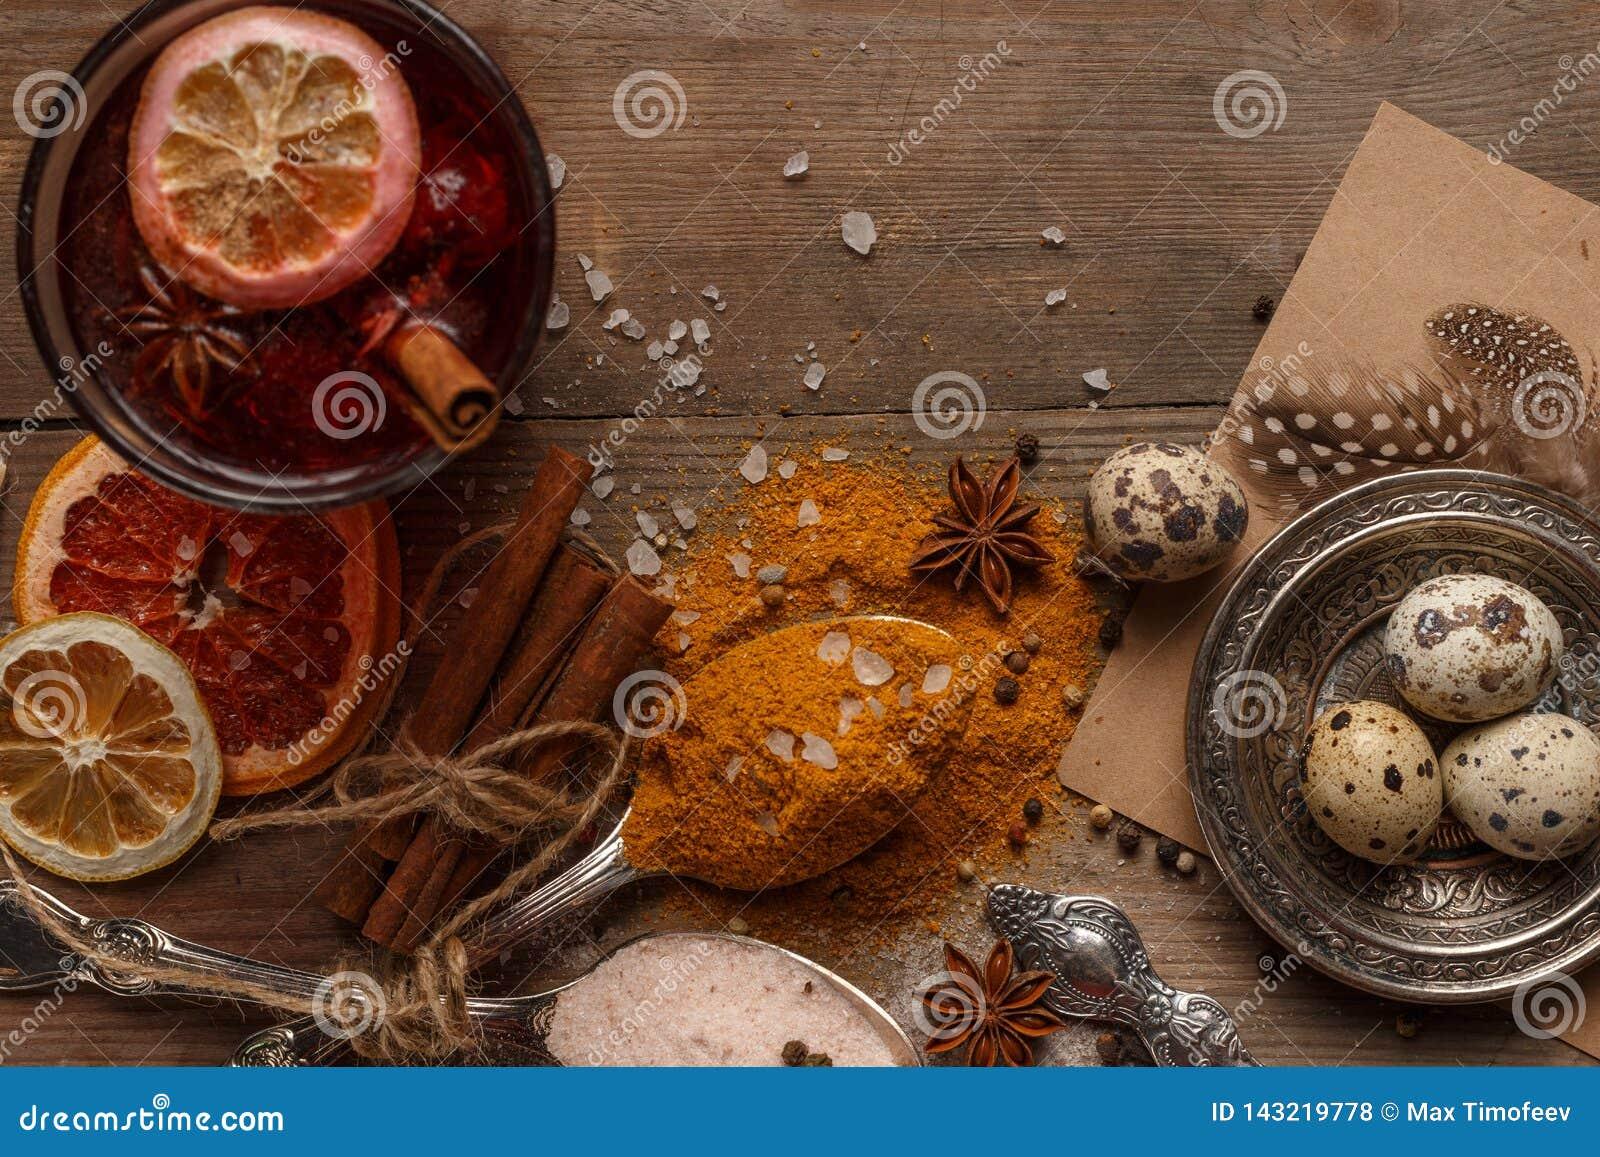 Vin brulé, spezie e frutti secchi su una tavola rustica